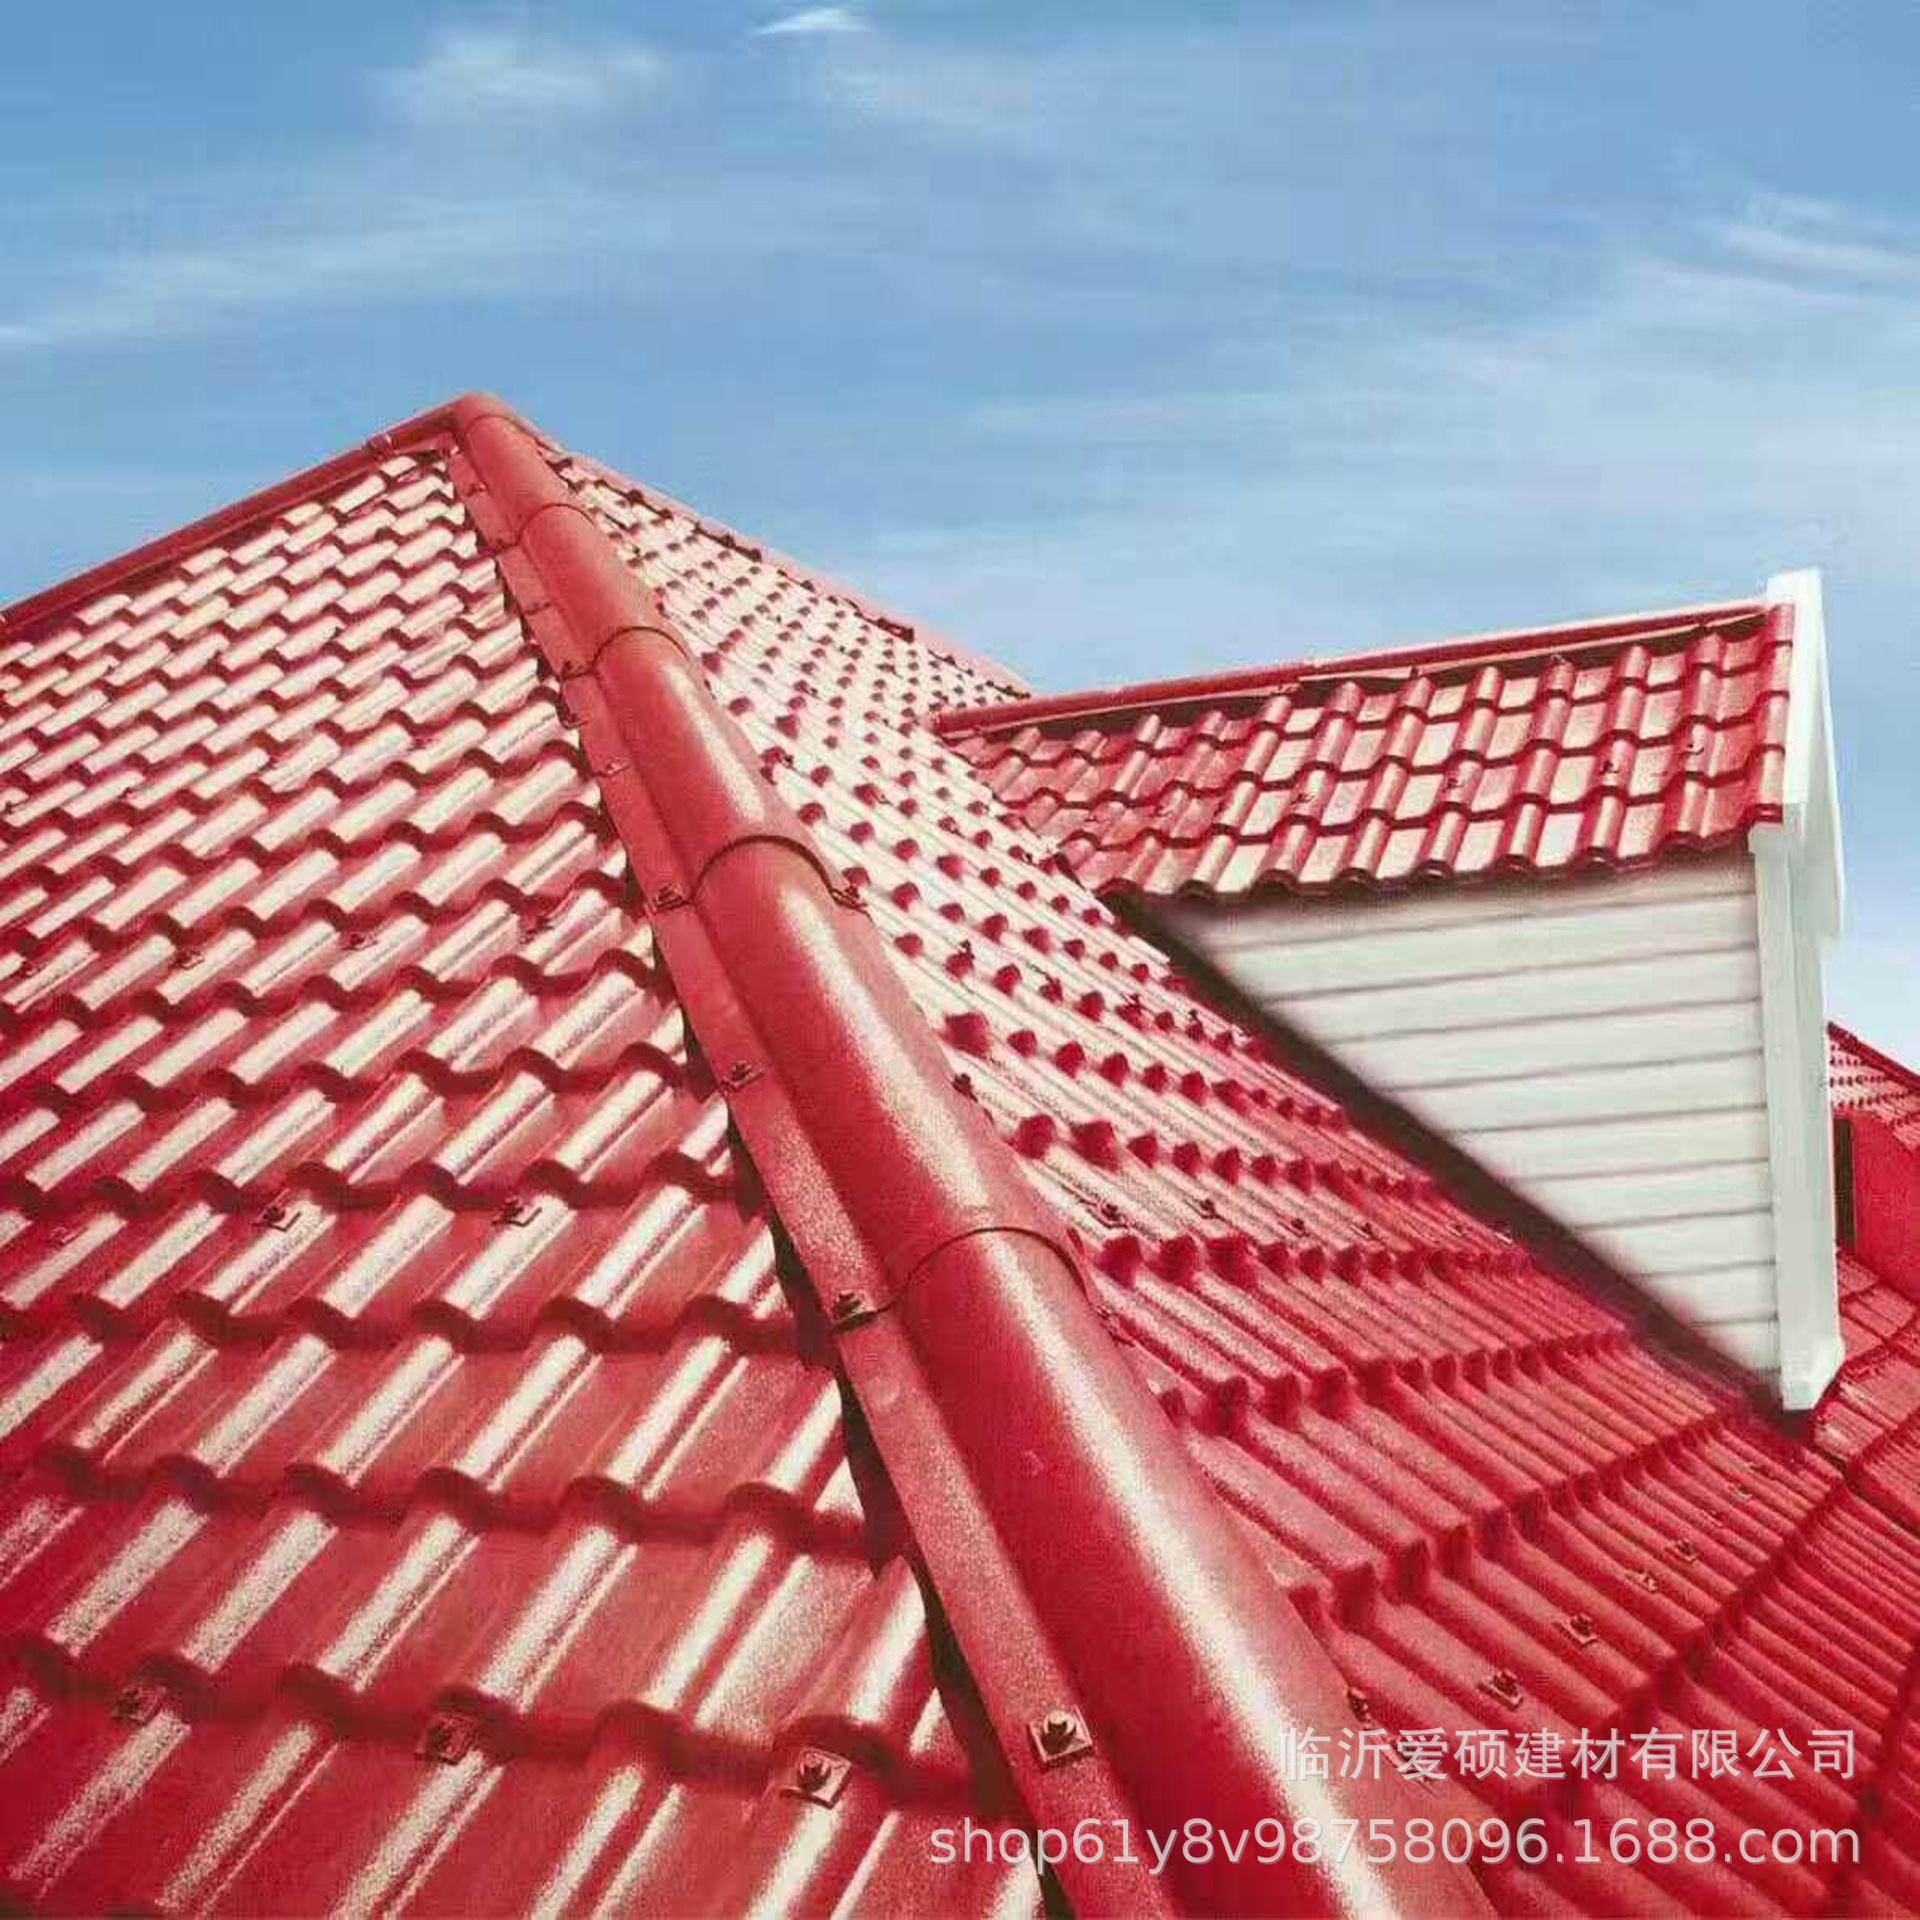 廠家直銷 東營合成樹脂瓦 平改坡裝飾瓦 屋頂瓦 別墅瓦示例圖2